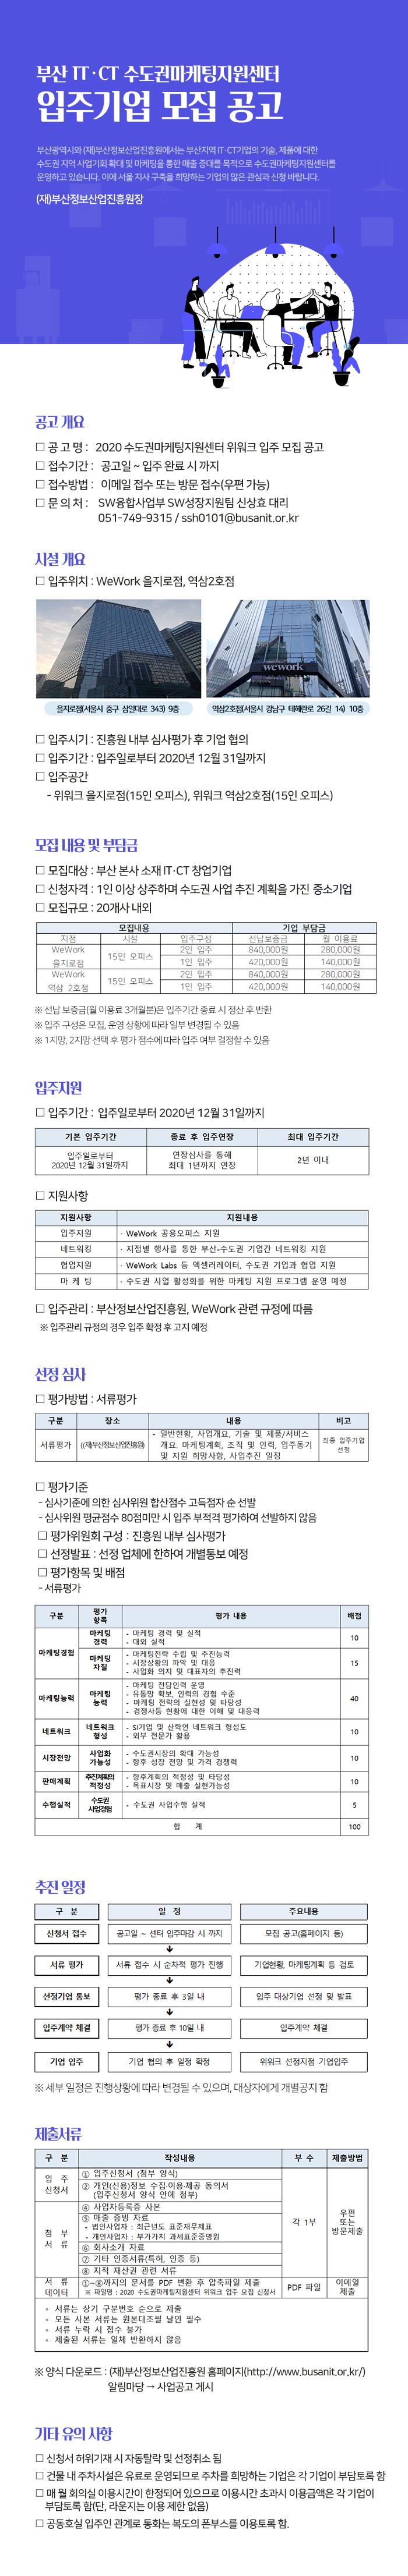 부산IT·CT수도권마케팅지원센터 입주신청